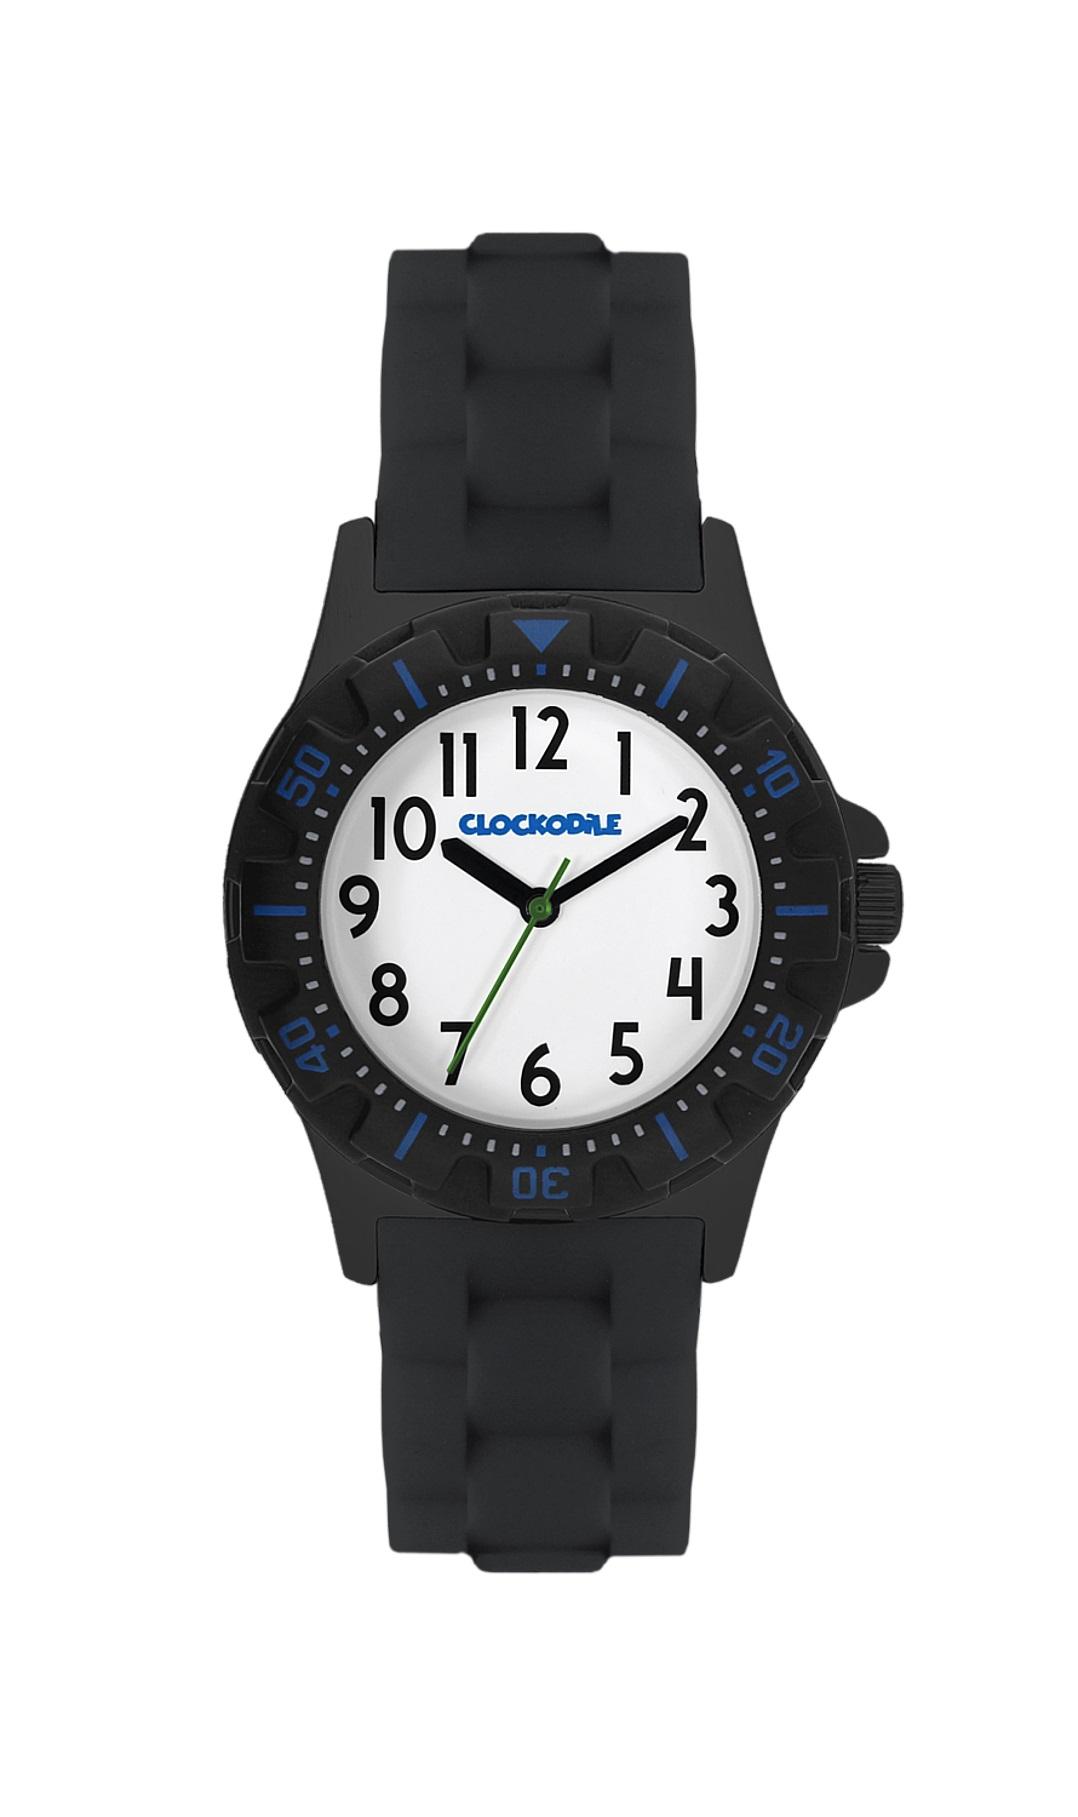 Černo-modré sportovní chlapecké hodinky CLOCKODILE SPORT CWB0022 (CWB0022 - dětské hodinky)